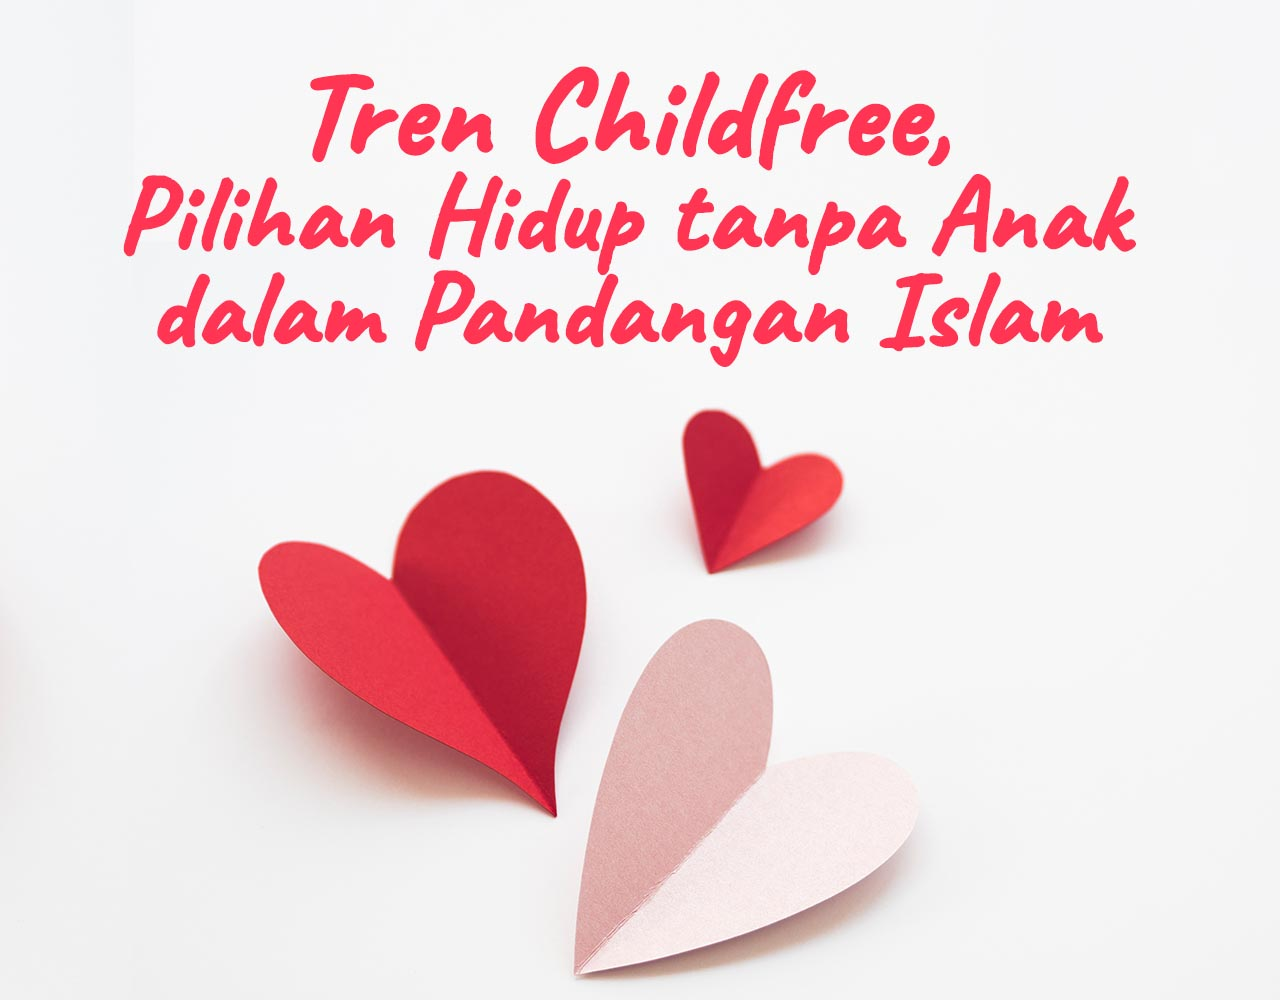 Khutbah Jumat - Tren Childfree, Pilihan Hidup tanpa Anak dalam Pandangan Islam